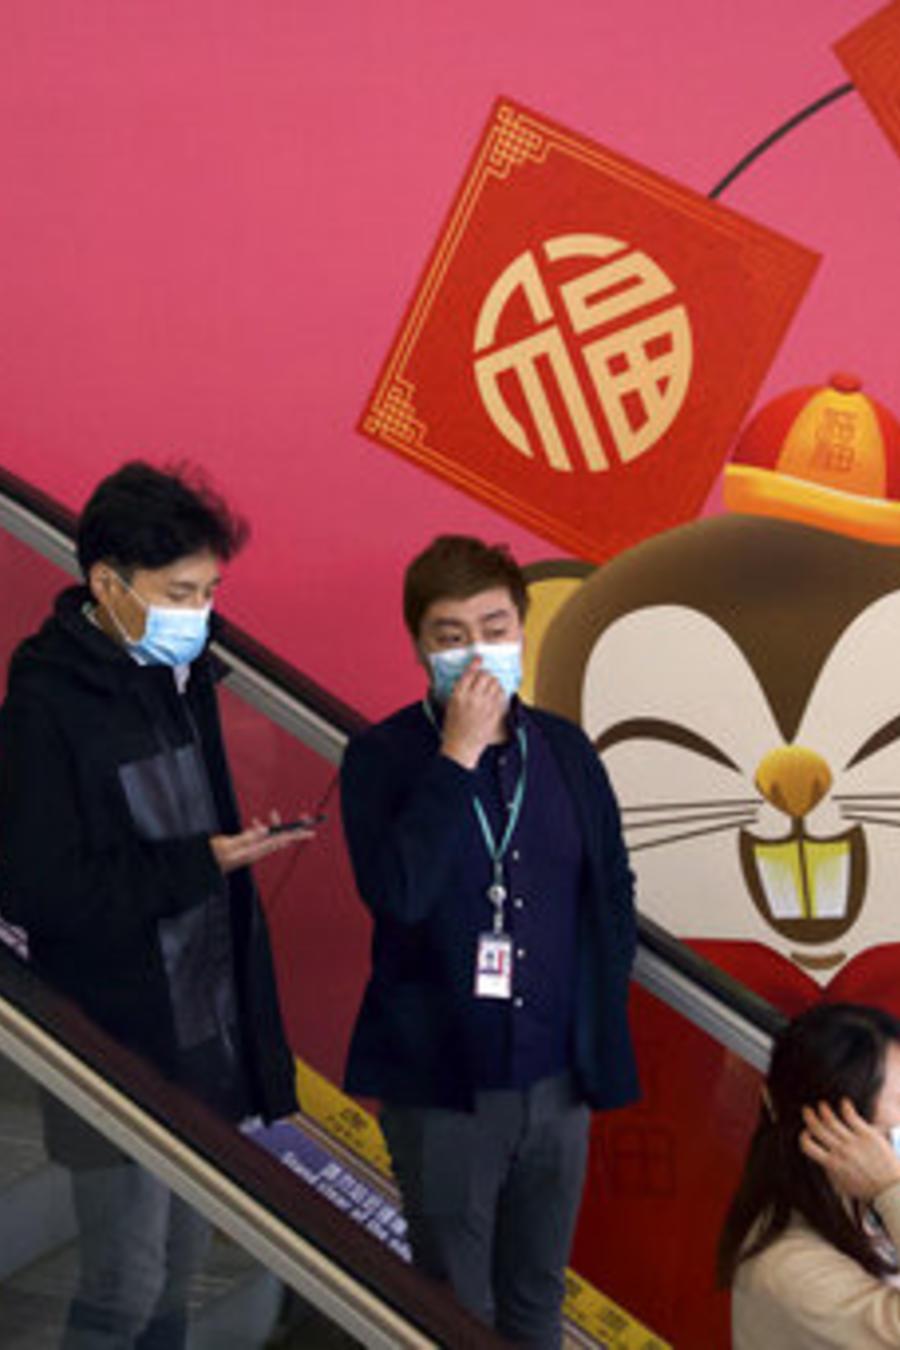 Pasajeros usan máscaras en el Aeropuerto Internacional de Hong Kong. En varios países, ahora también Estados Unidos, se han extremado las medidas de seguridad y chequeo por el brote del coronavirus originado en China.